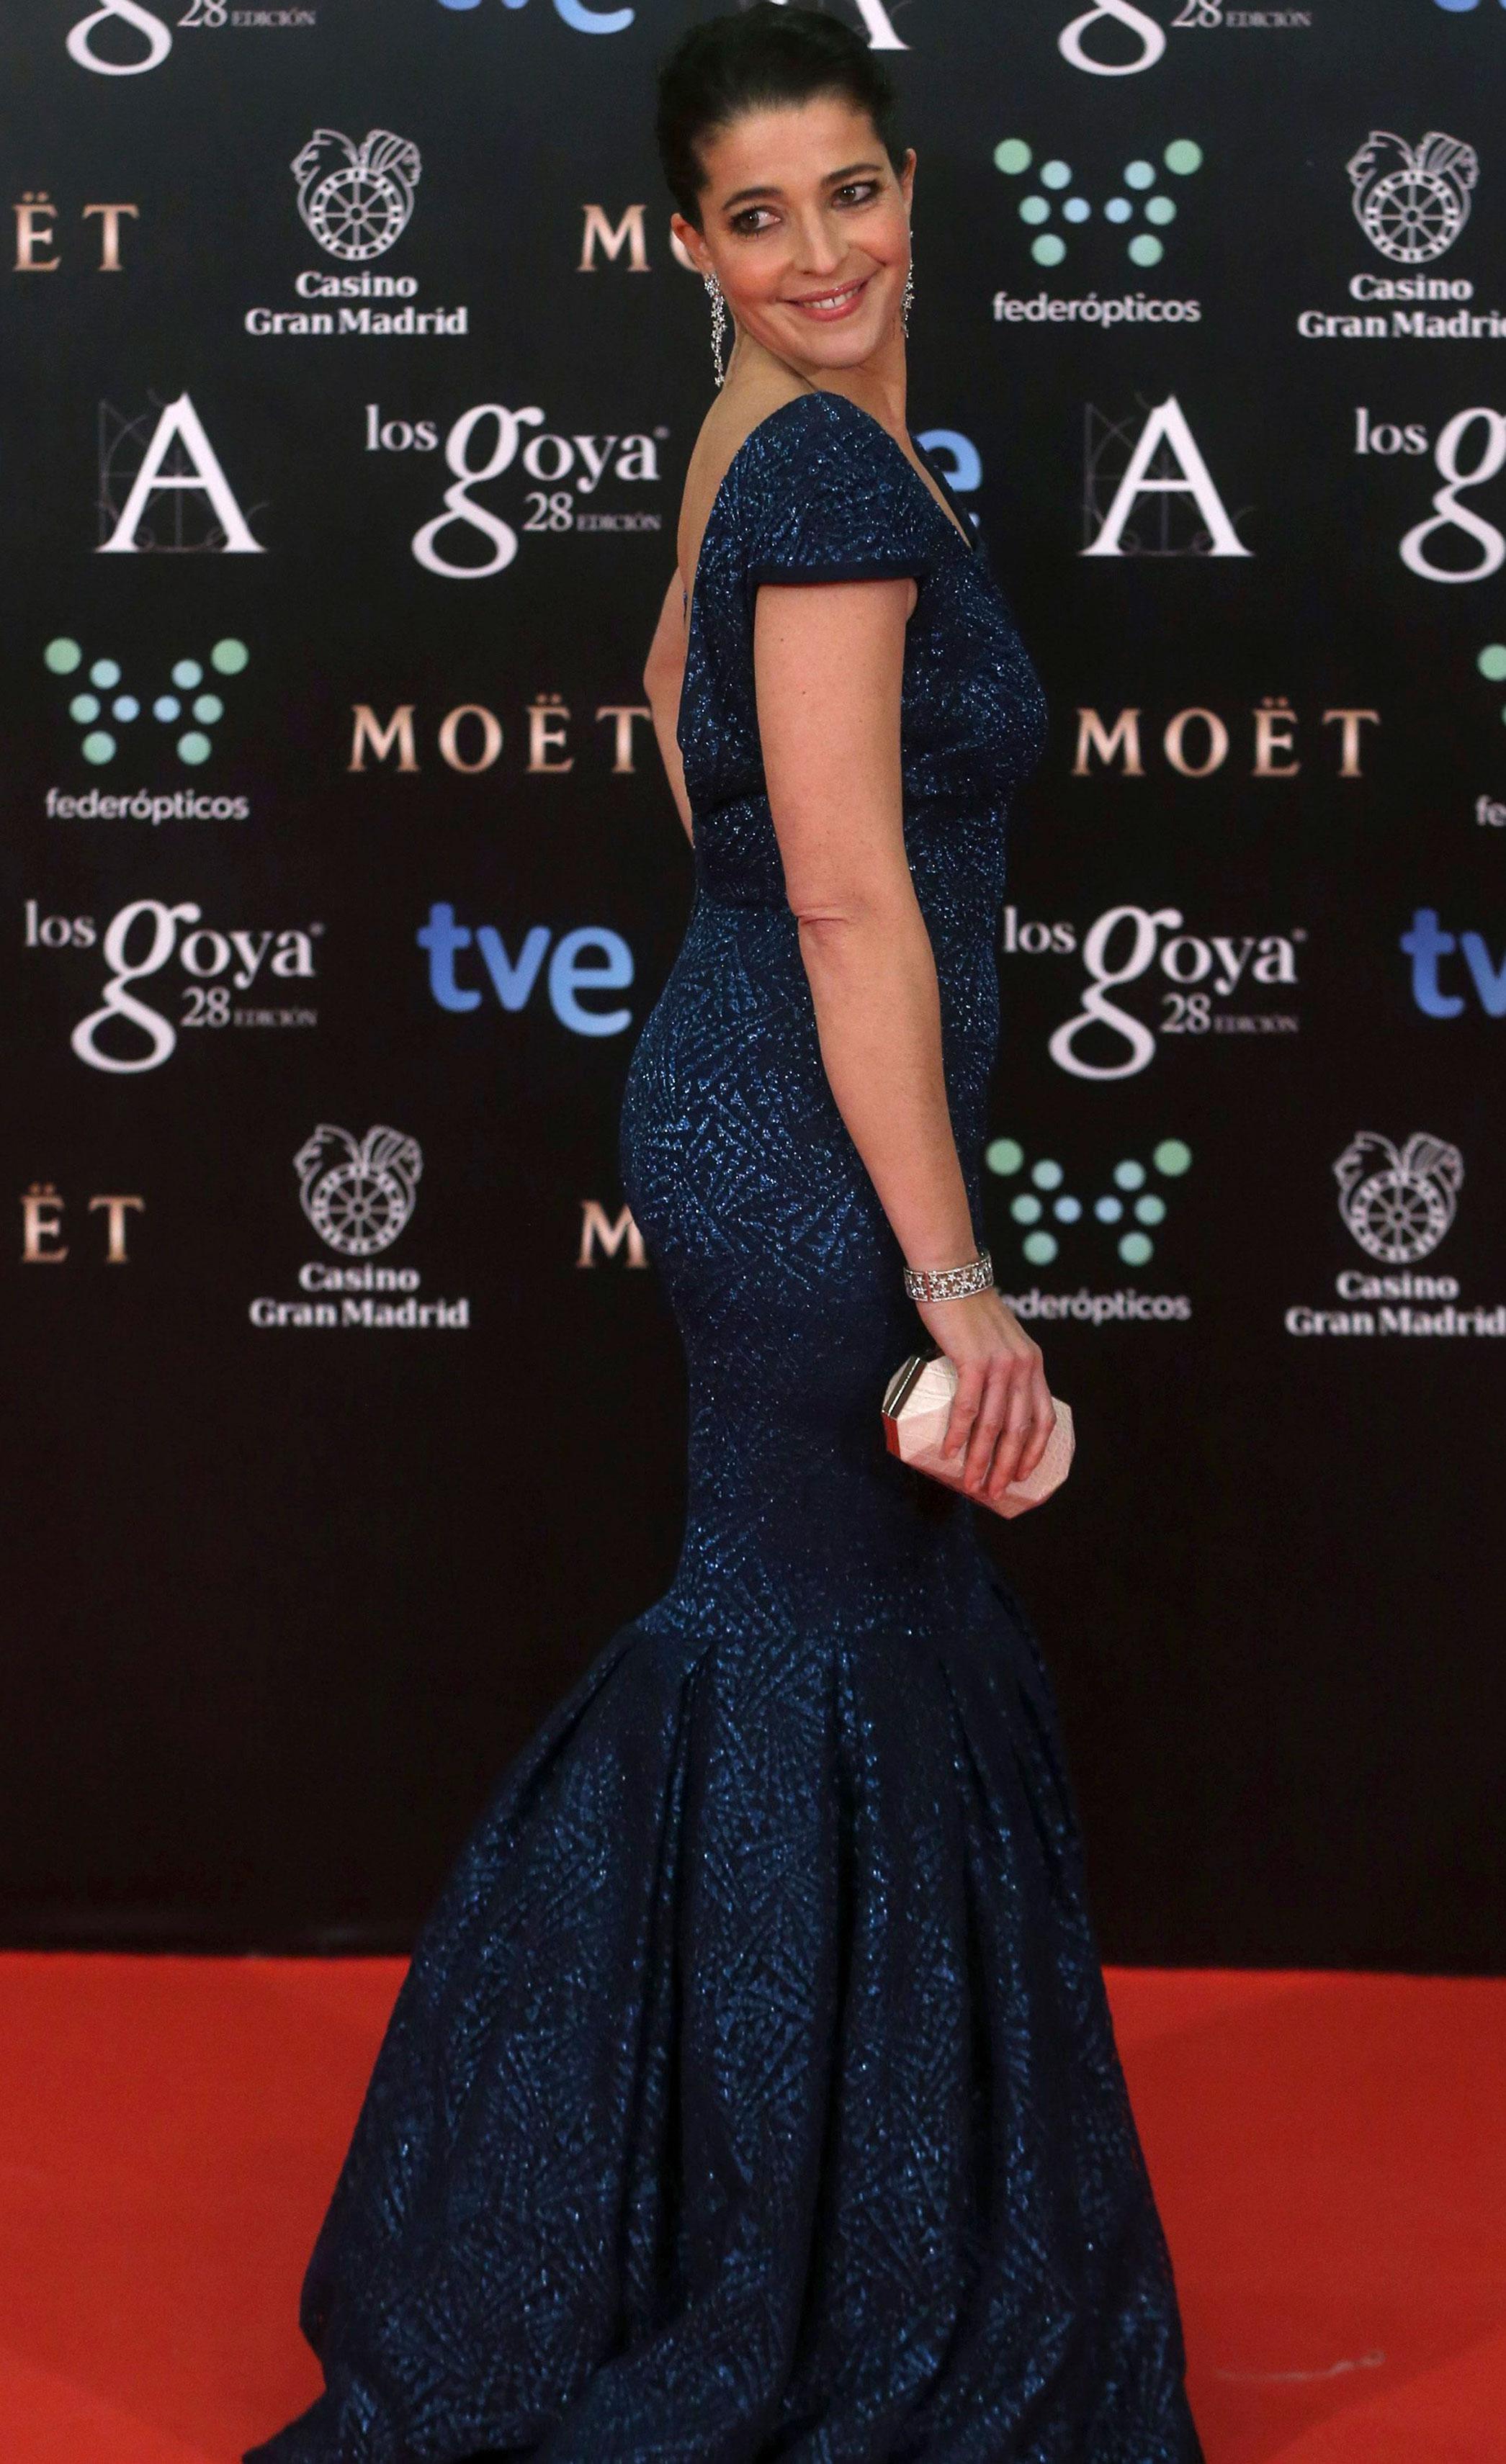 La alfombra roja de Los Premios Goya - Premios Goya 2014 ...